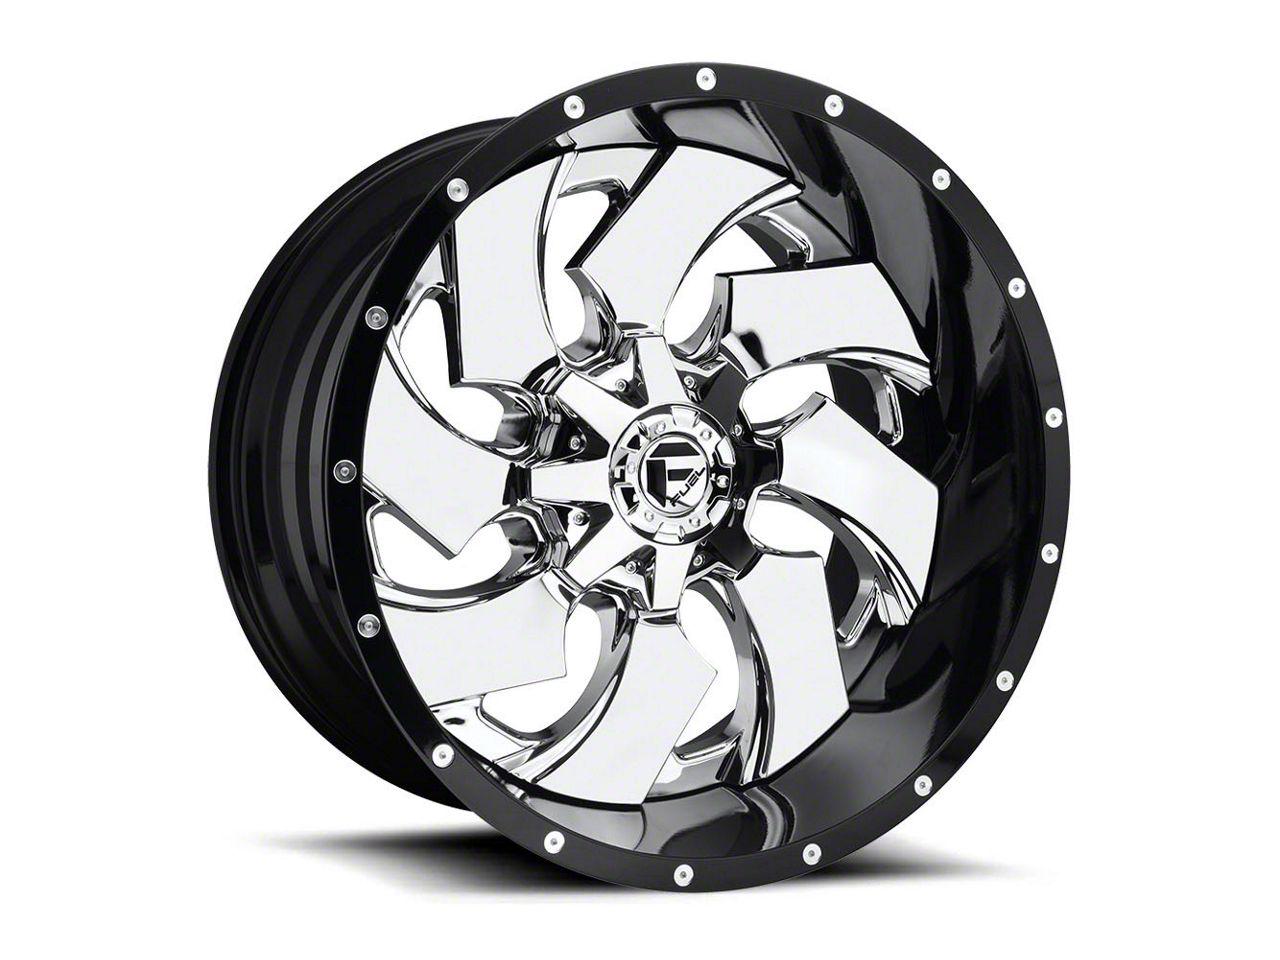 Fuel Wheels Cleaver Chrome 6-Lug Wheel - 24x12 (99-18 Silverado 1500)